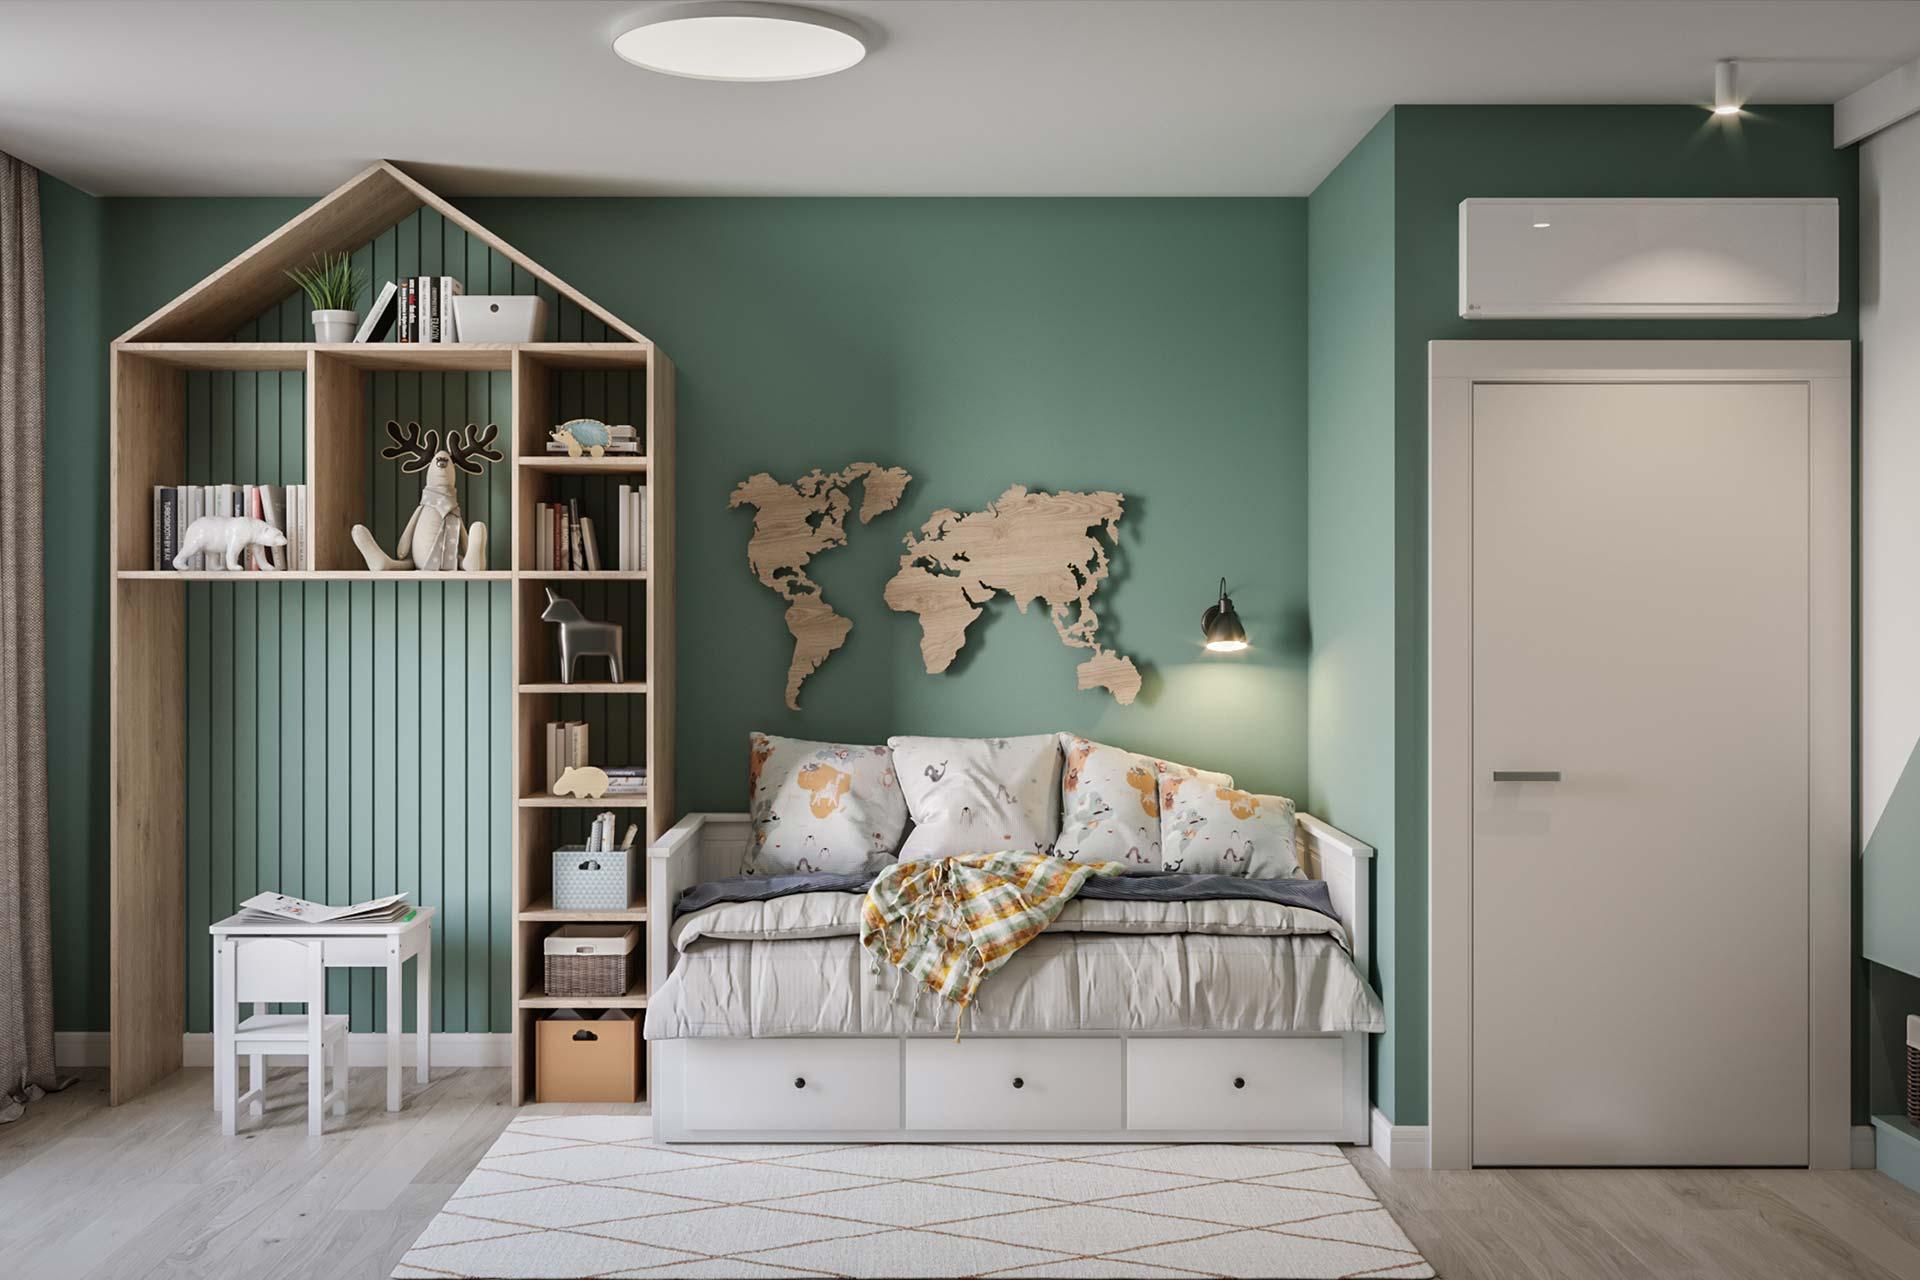 Дизайн интерьера 3-комнатной квартиры в ЖК Грин парк | Заказать проект в Green park